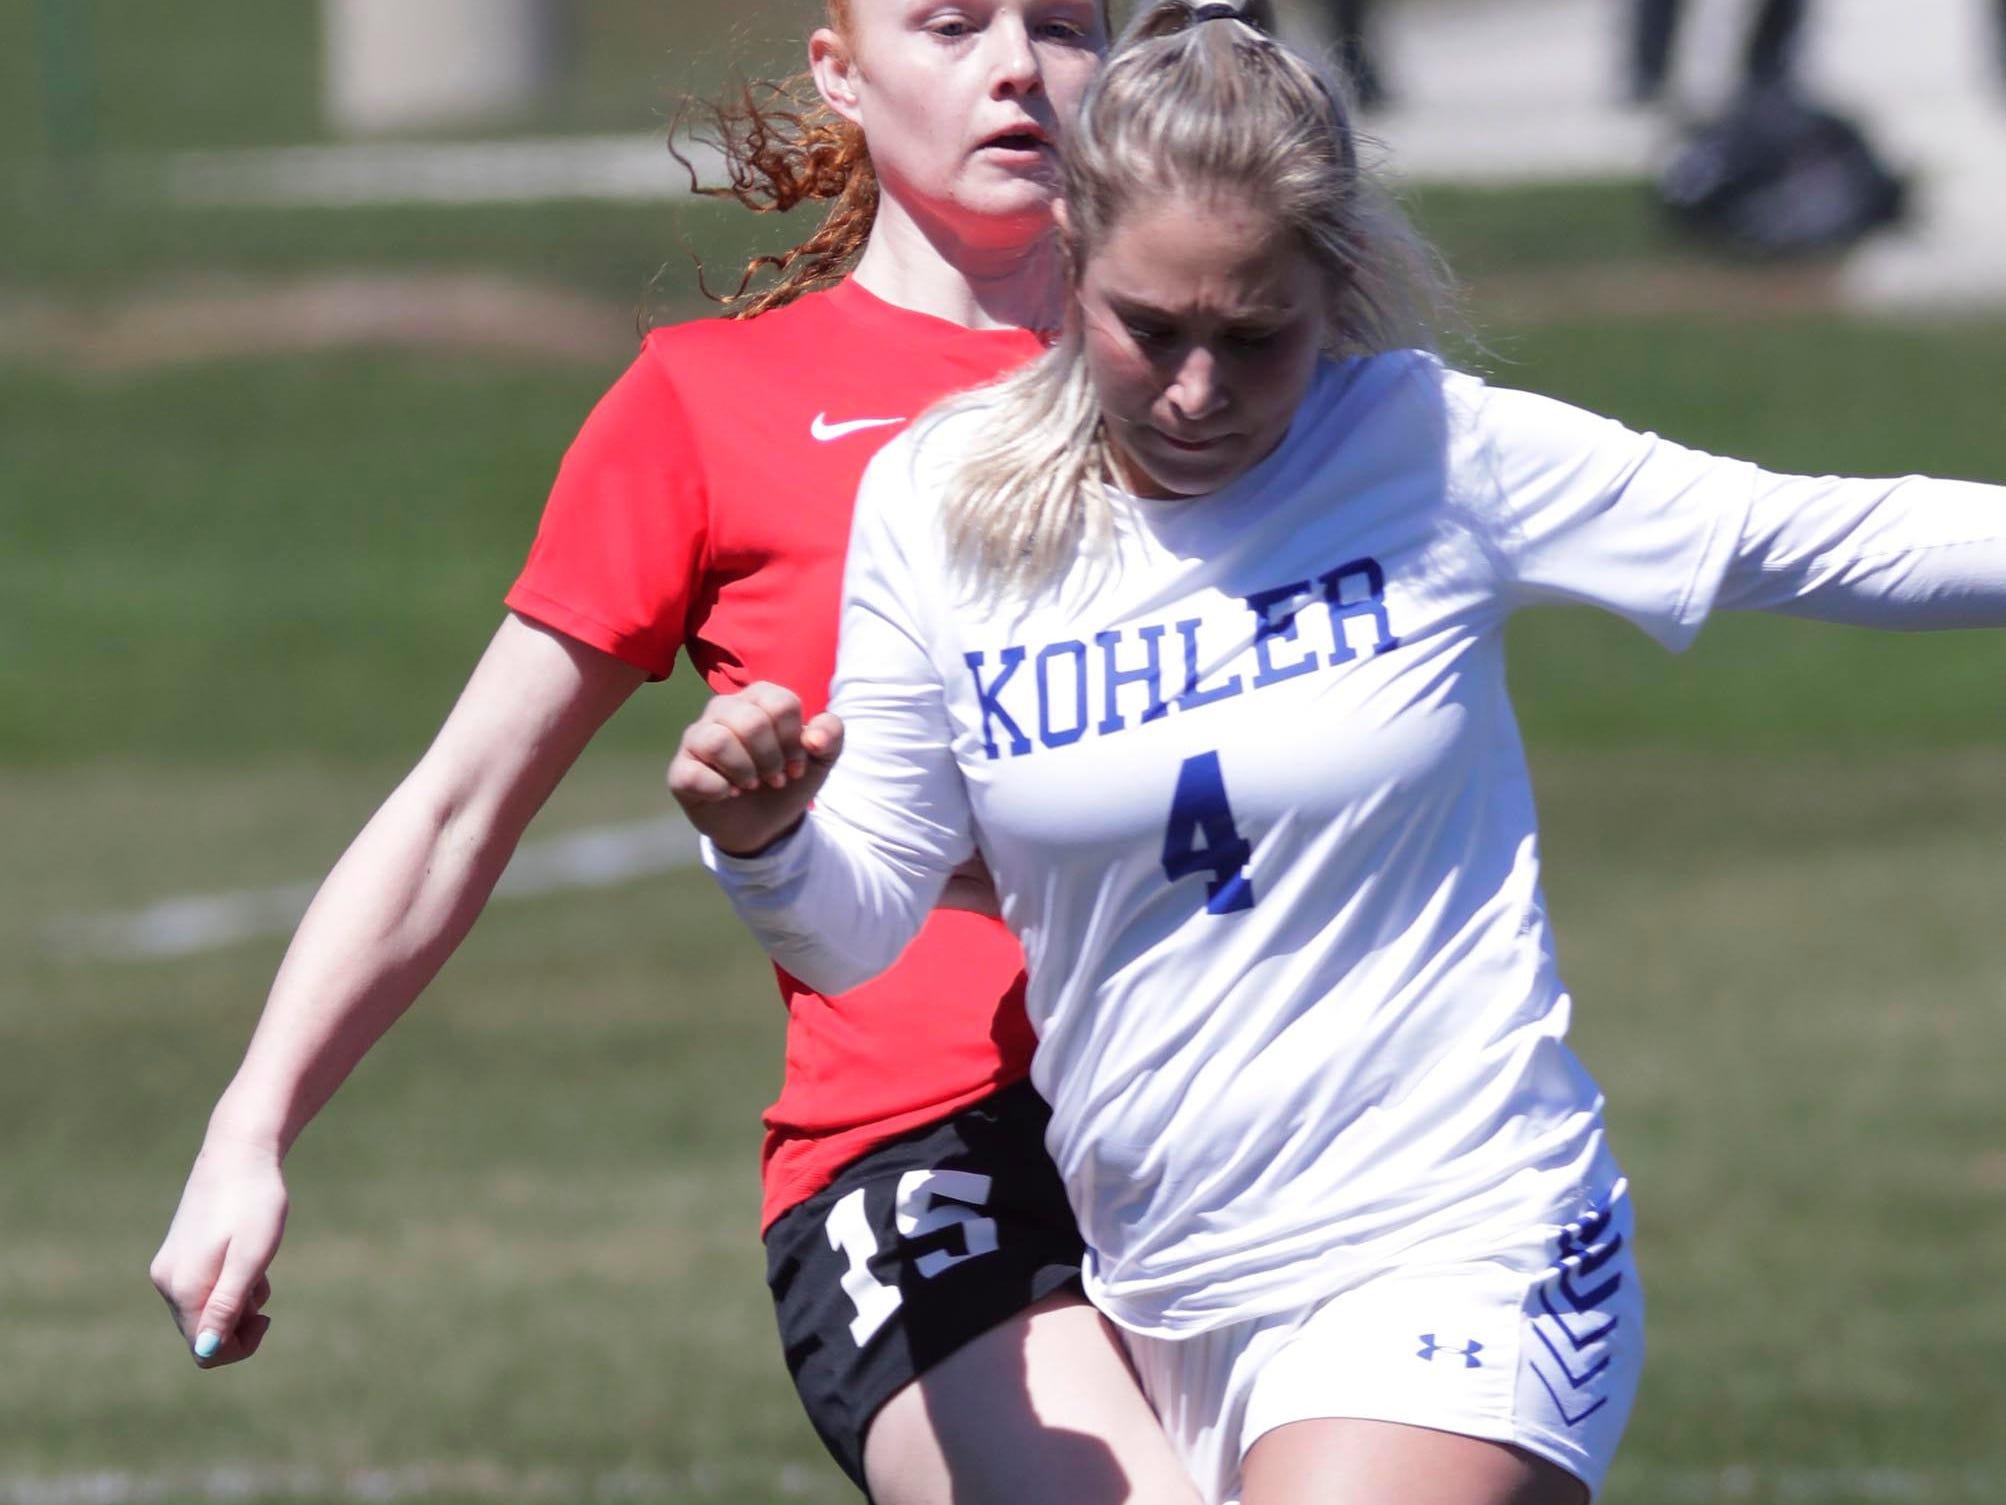 Kohler's Morgan Sell (4) moves the ball against Sheboygan South at the Sheboygan South Soccer tournament, Saturday, April 20, 2019, in Sheboygan, Wis.